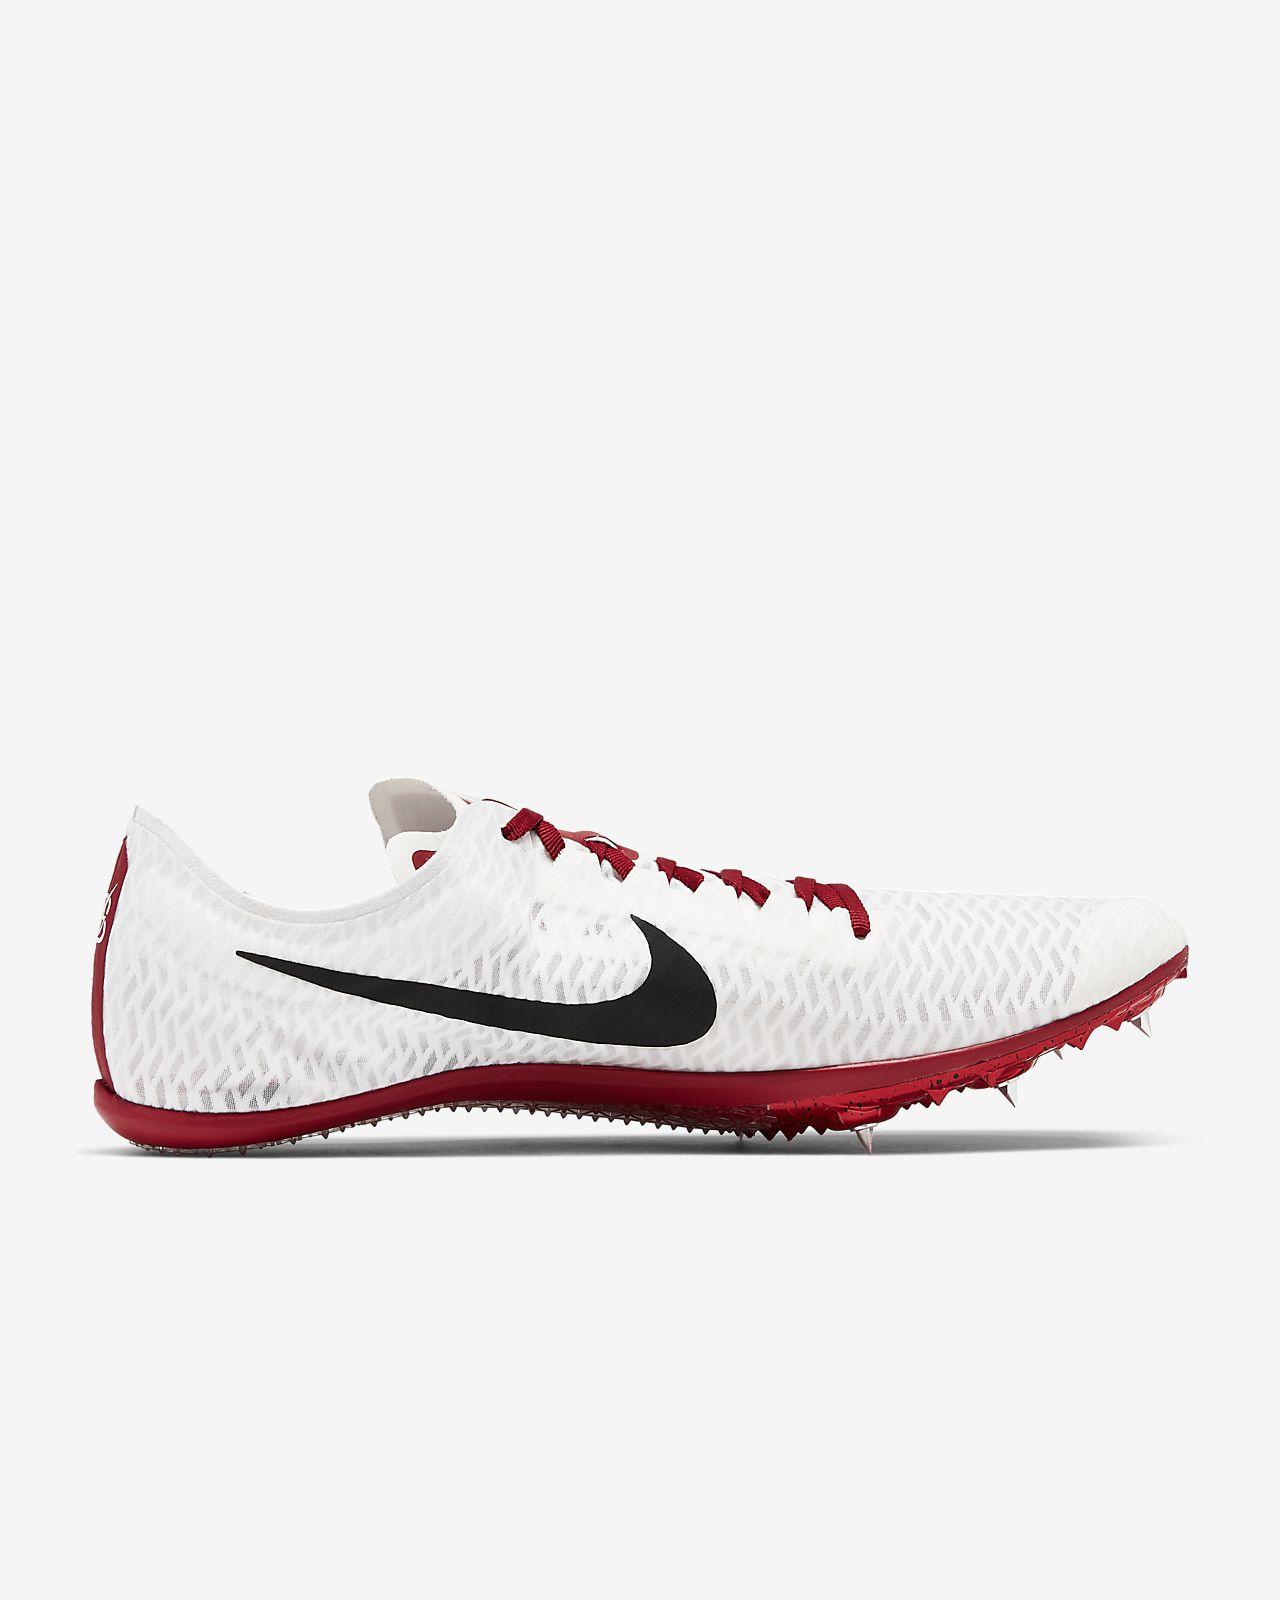 Buty Nike Racer 2 gs do biegania uniseks damskie męskie 35,5